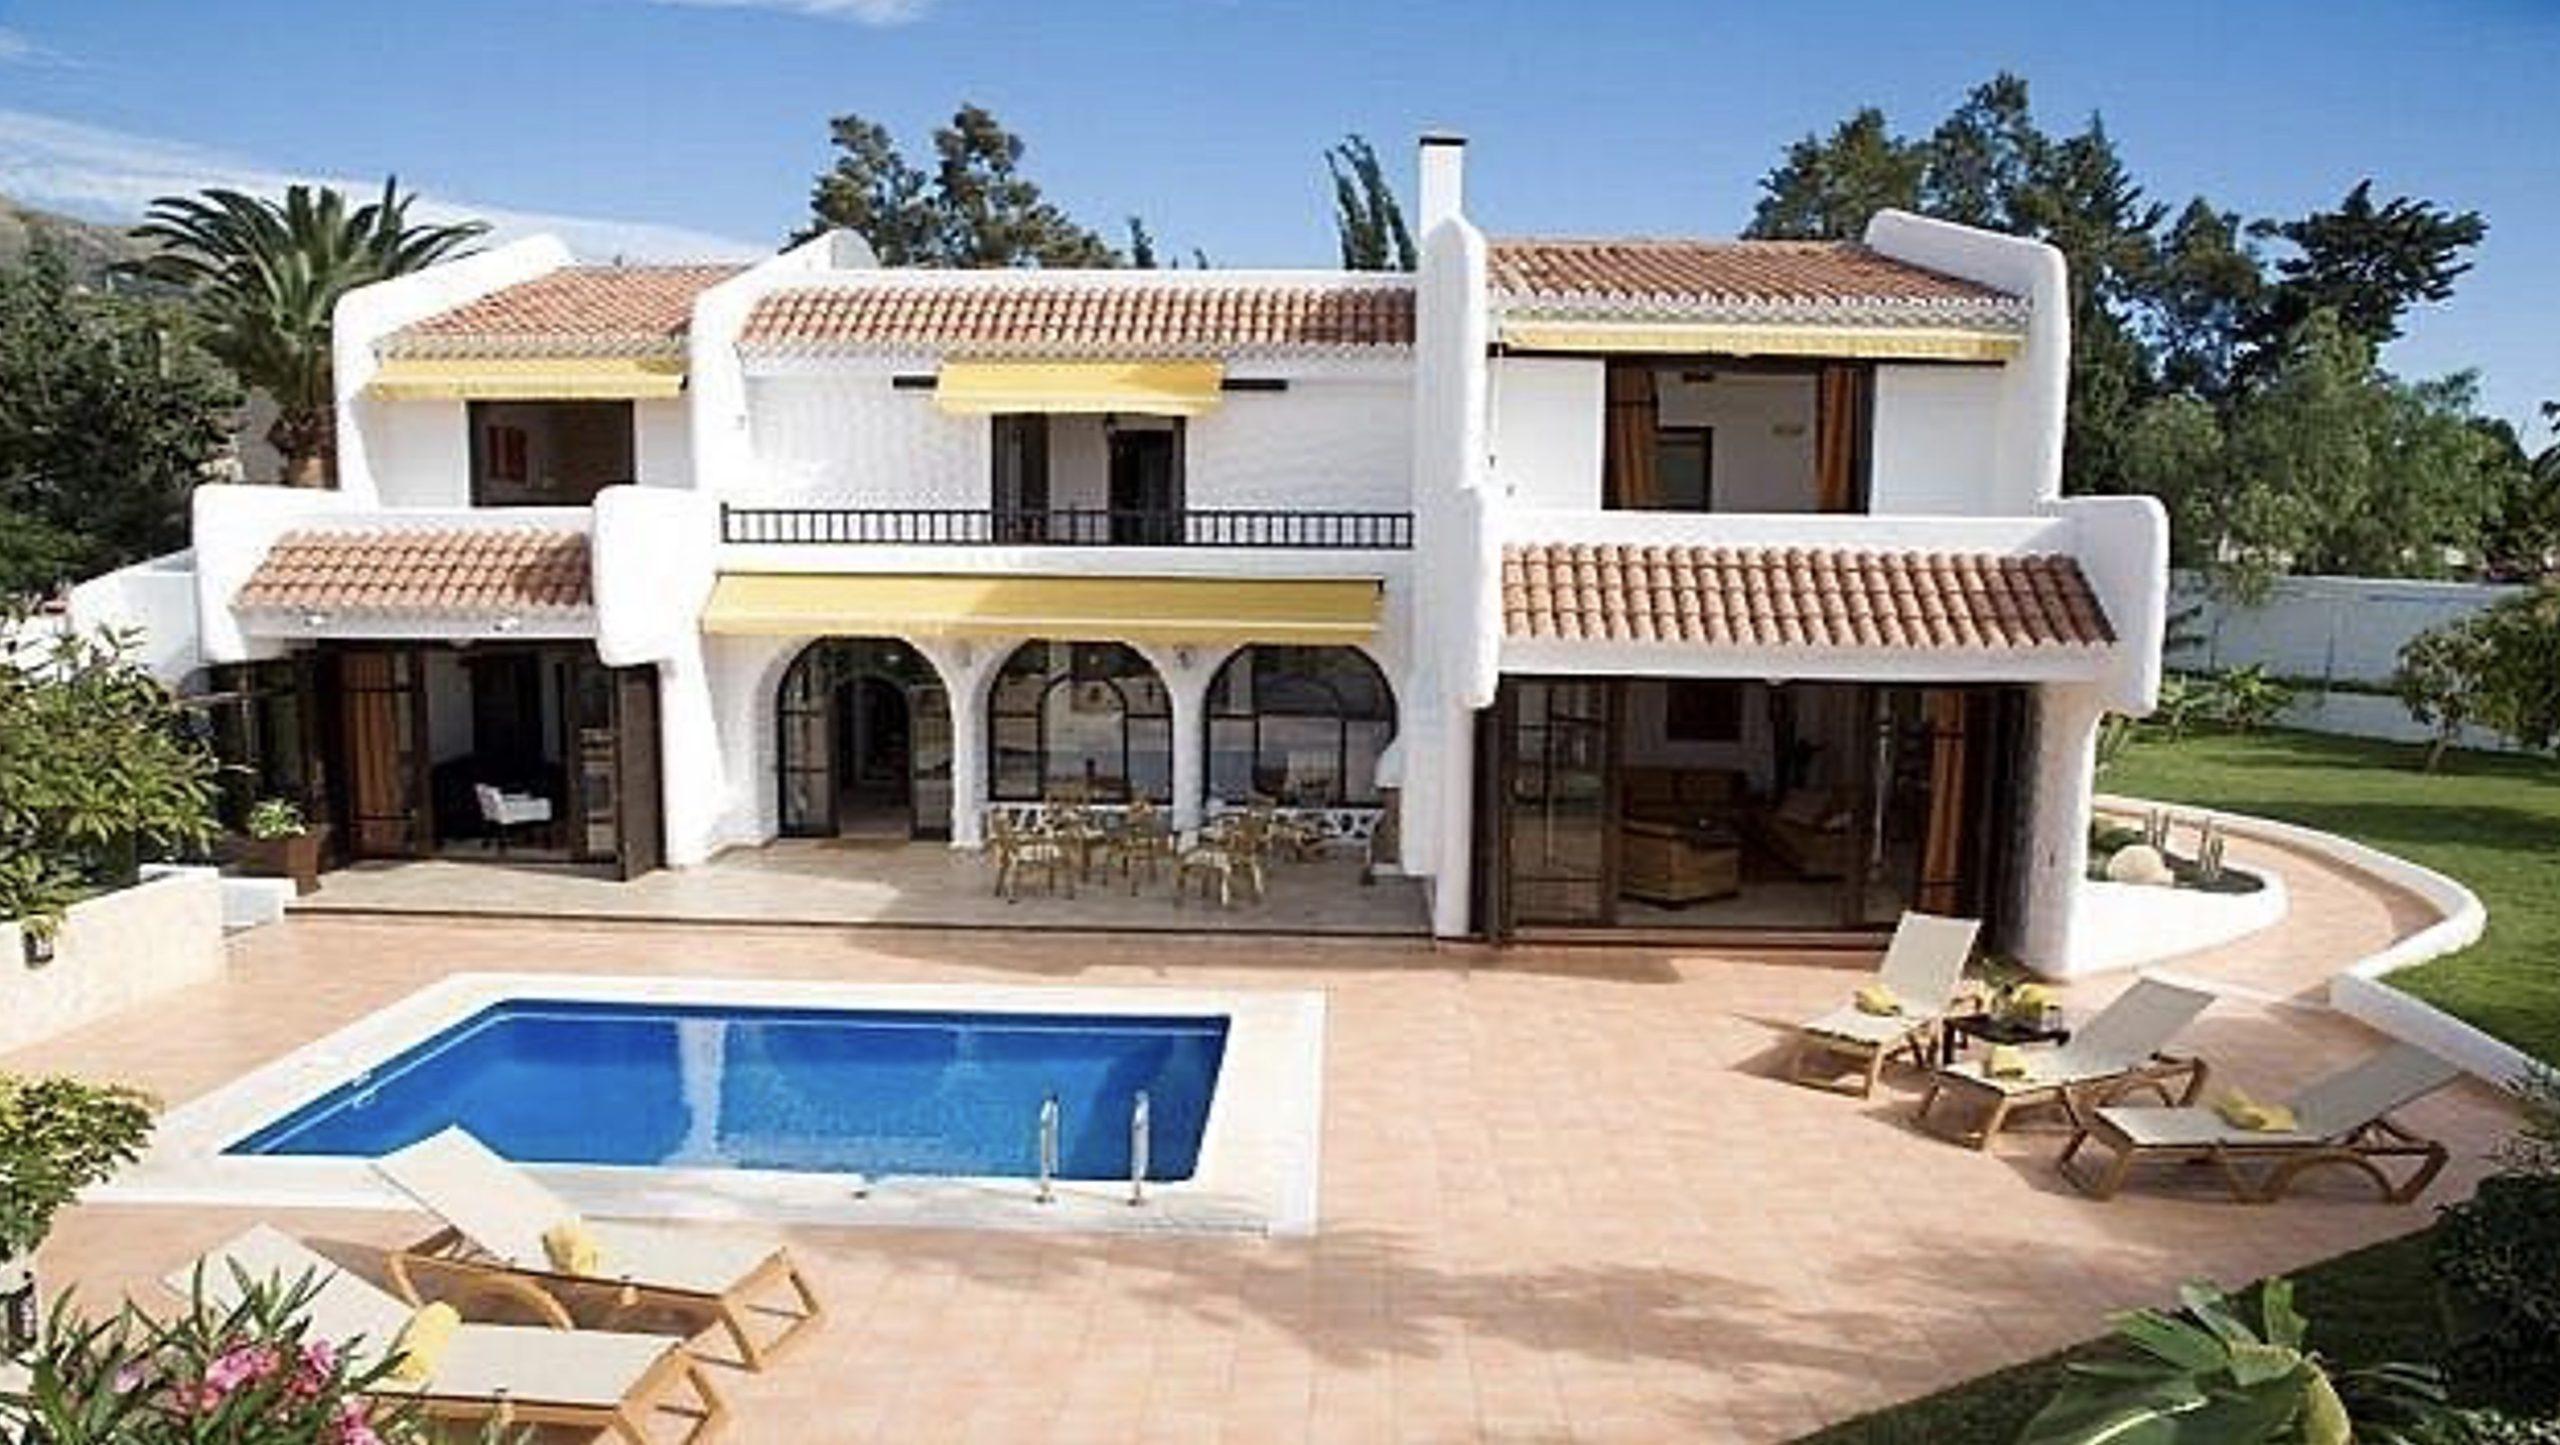 Villa Atlantida  –  Las Américas  –  Ref: 3V9098